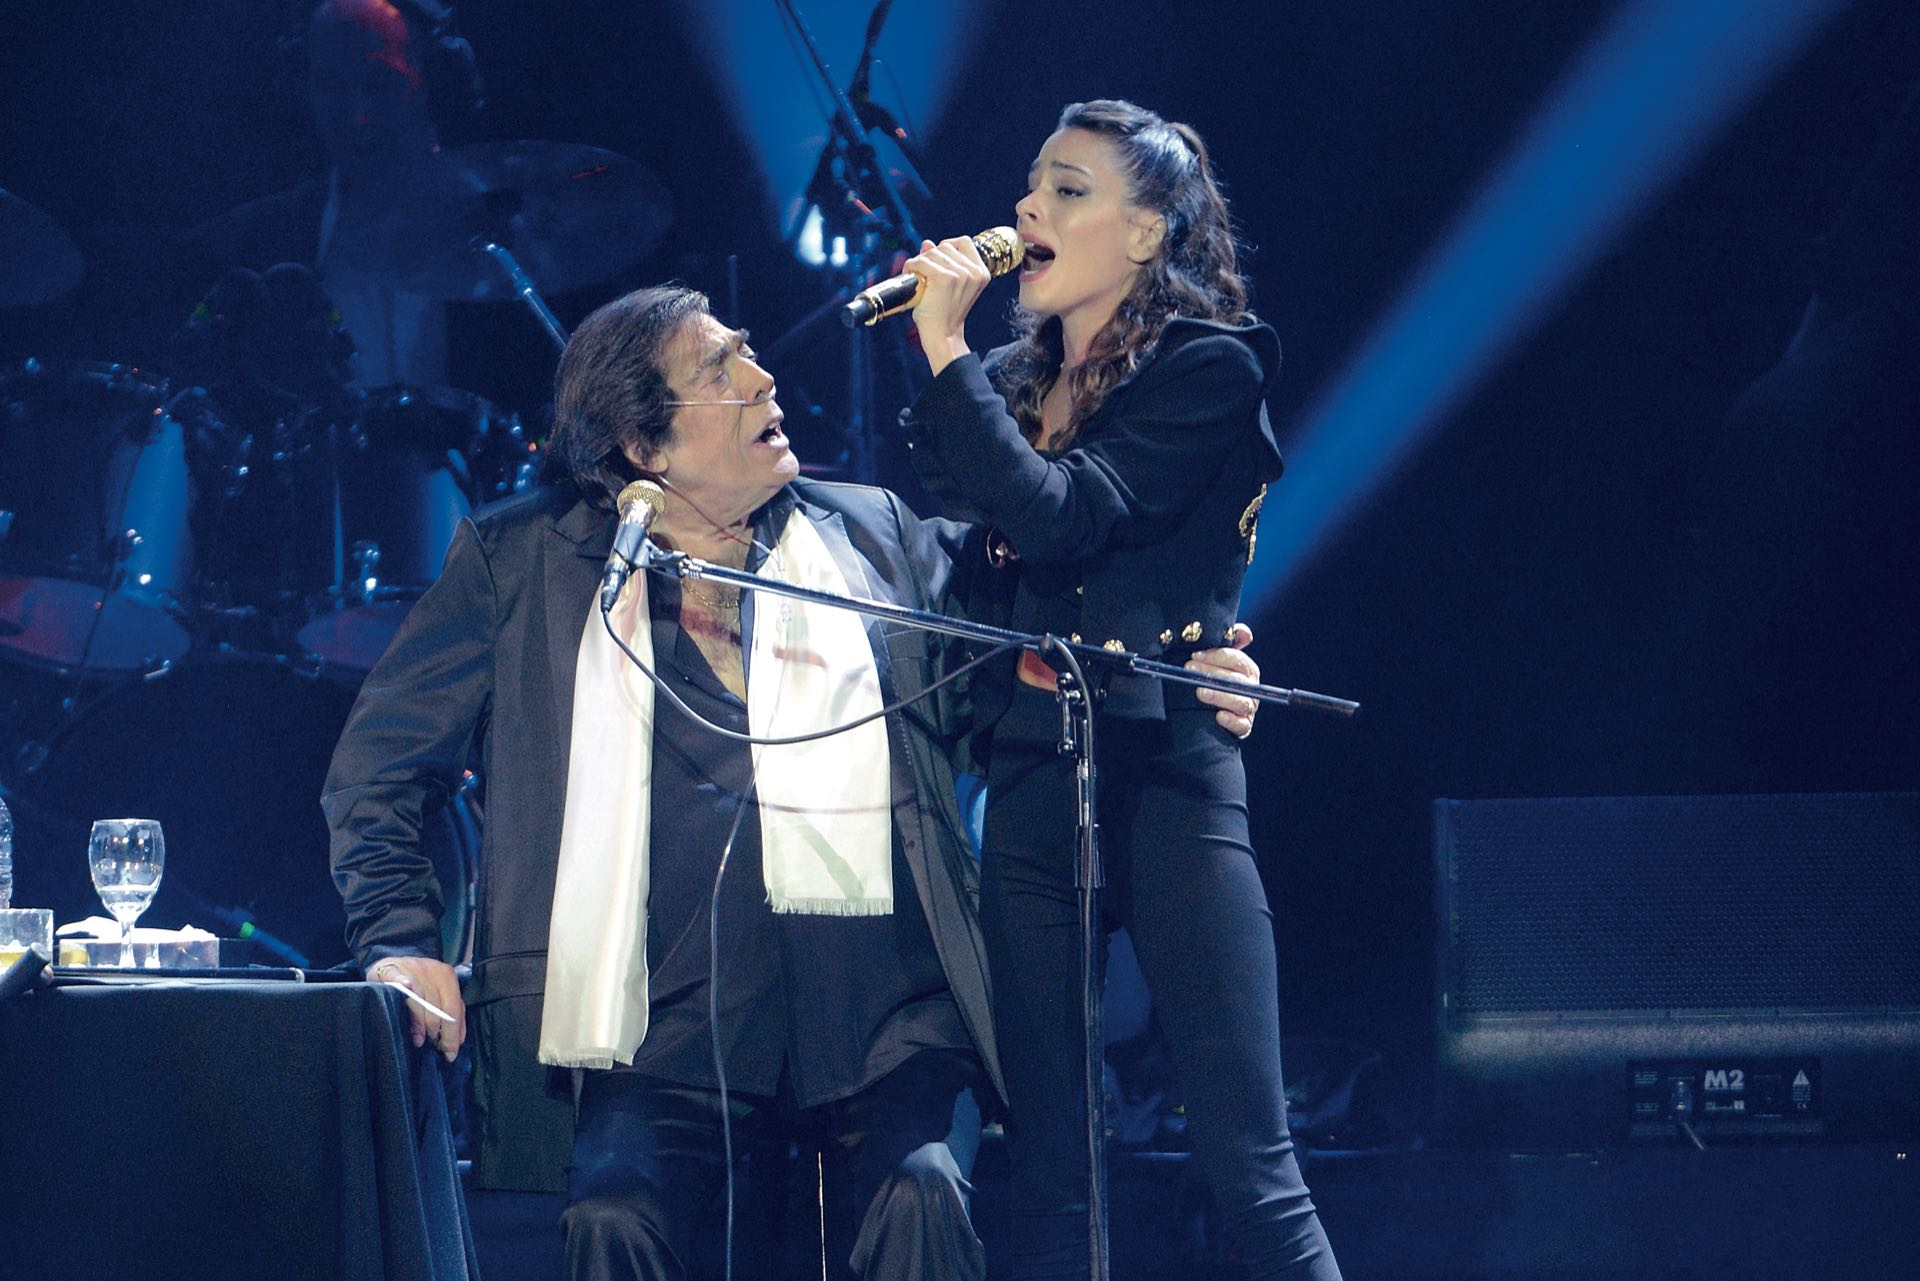 Cacho Castaña escucha a Tini Stoessel que subió a cantar con ellos.